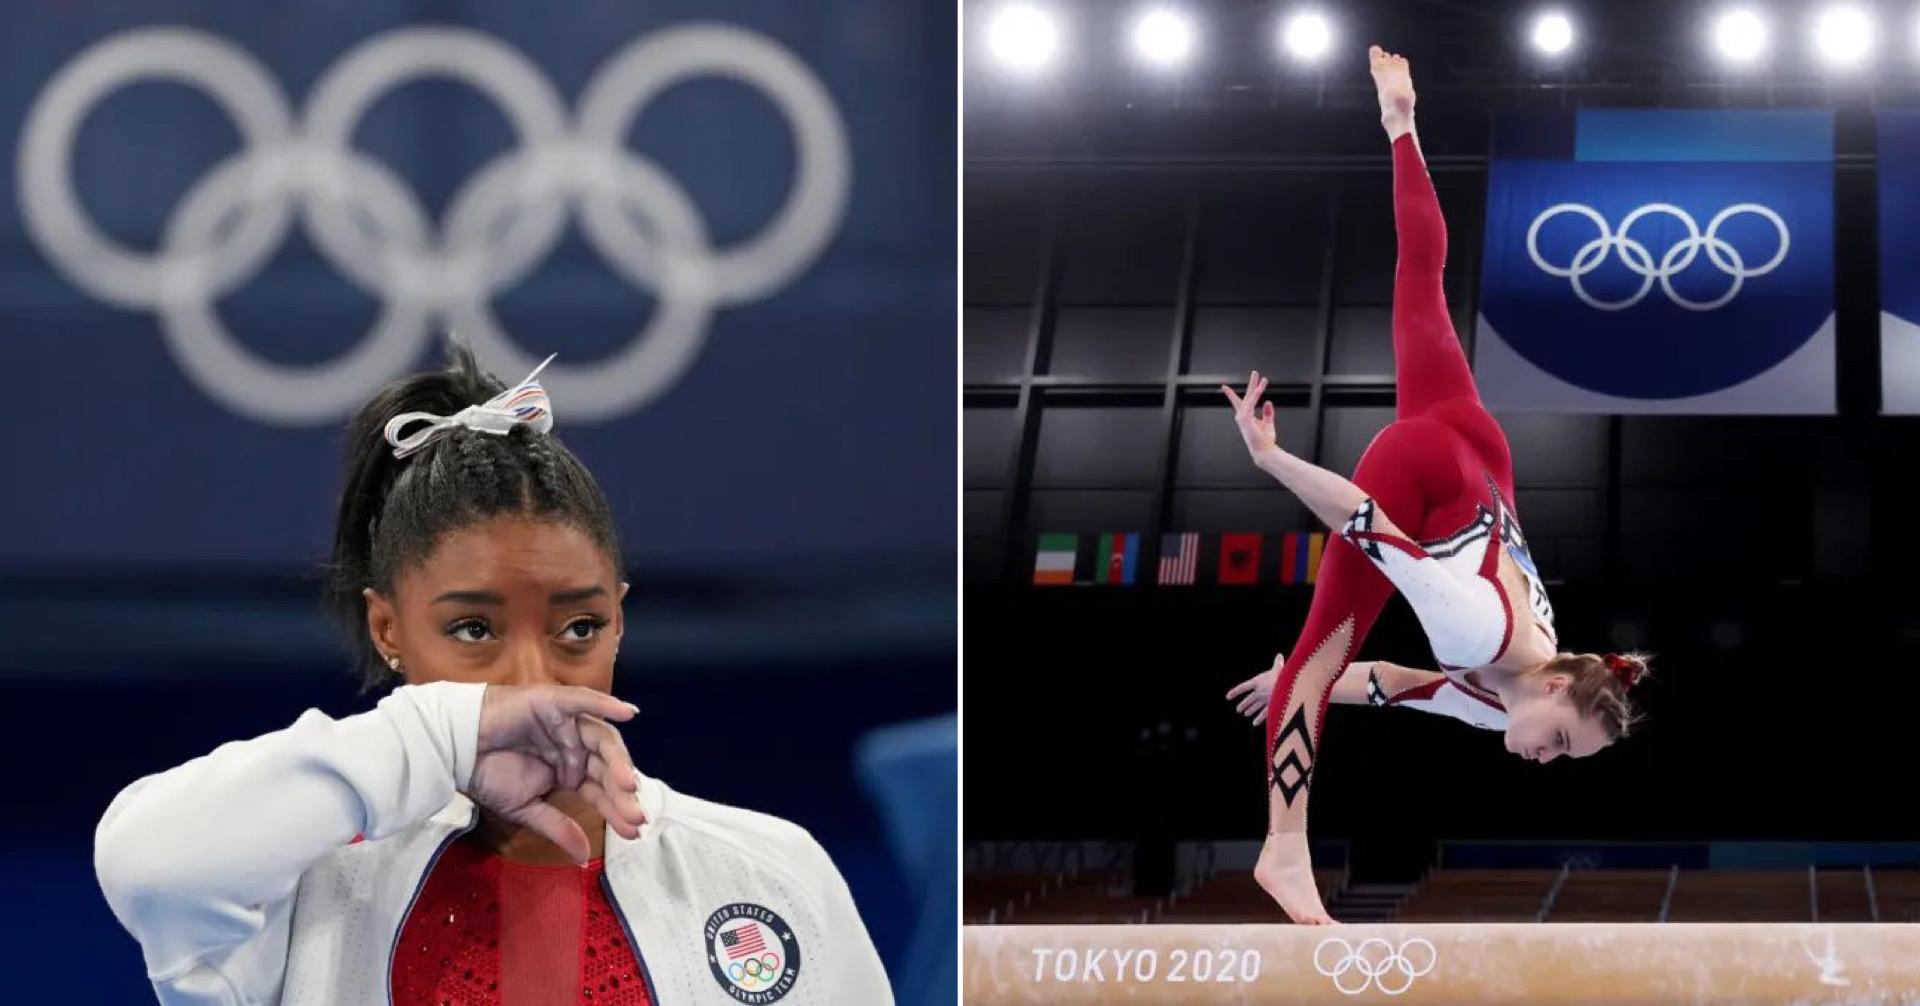 除了獲得獎牌的運動員之外,東京奧運賽場的一些「小事」!每位運動員的背後都有屬於他們的故事讓人更為之動容! – 我們用電影寫日記